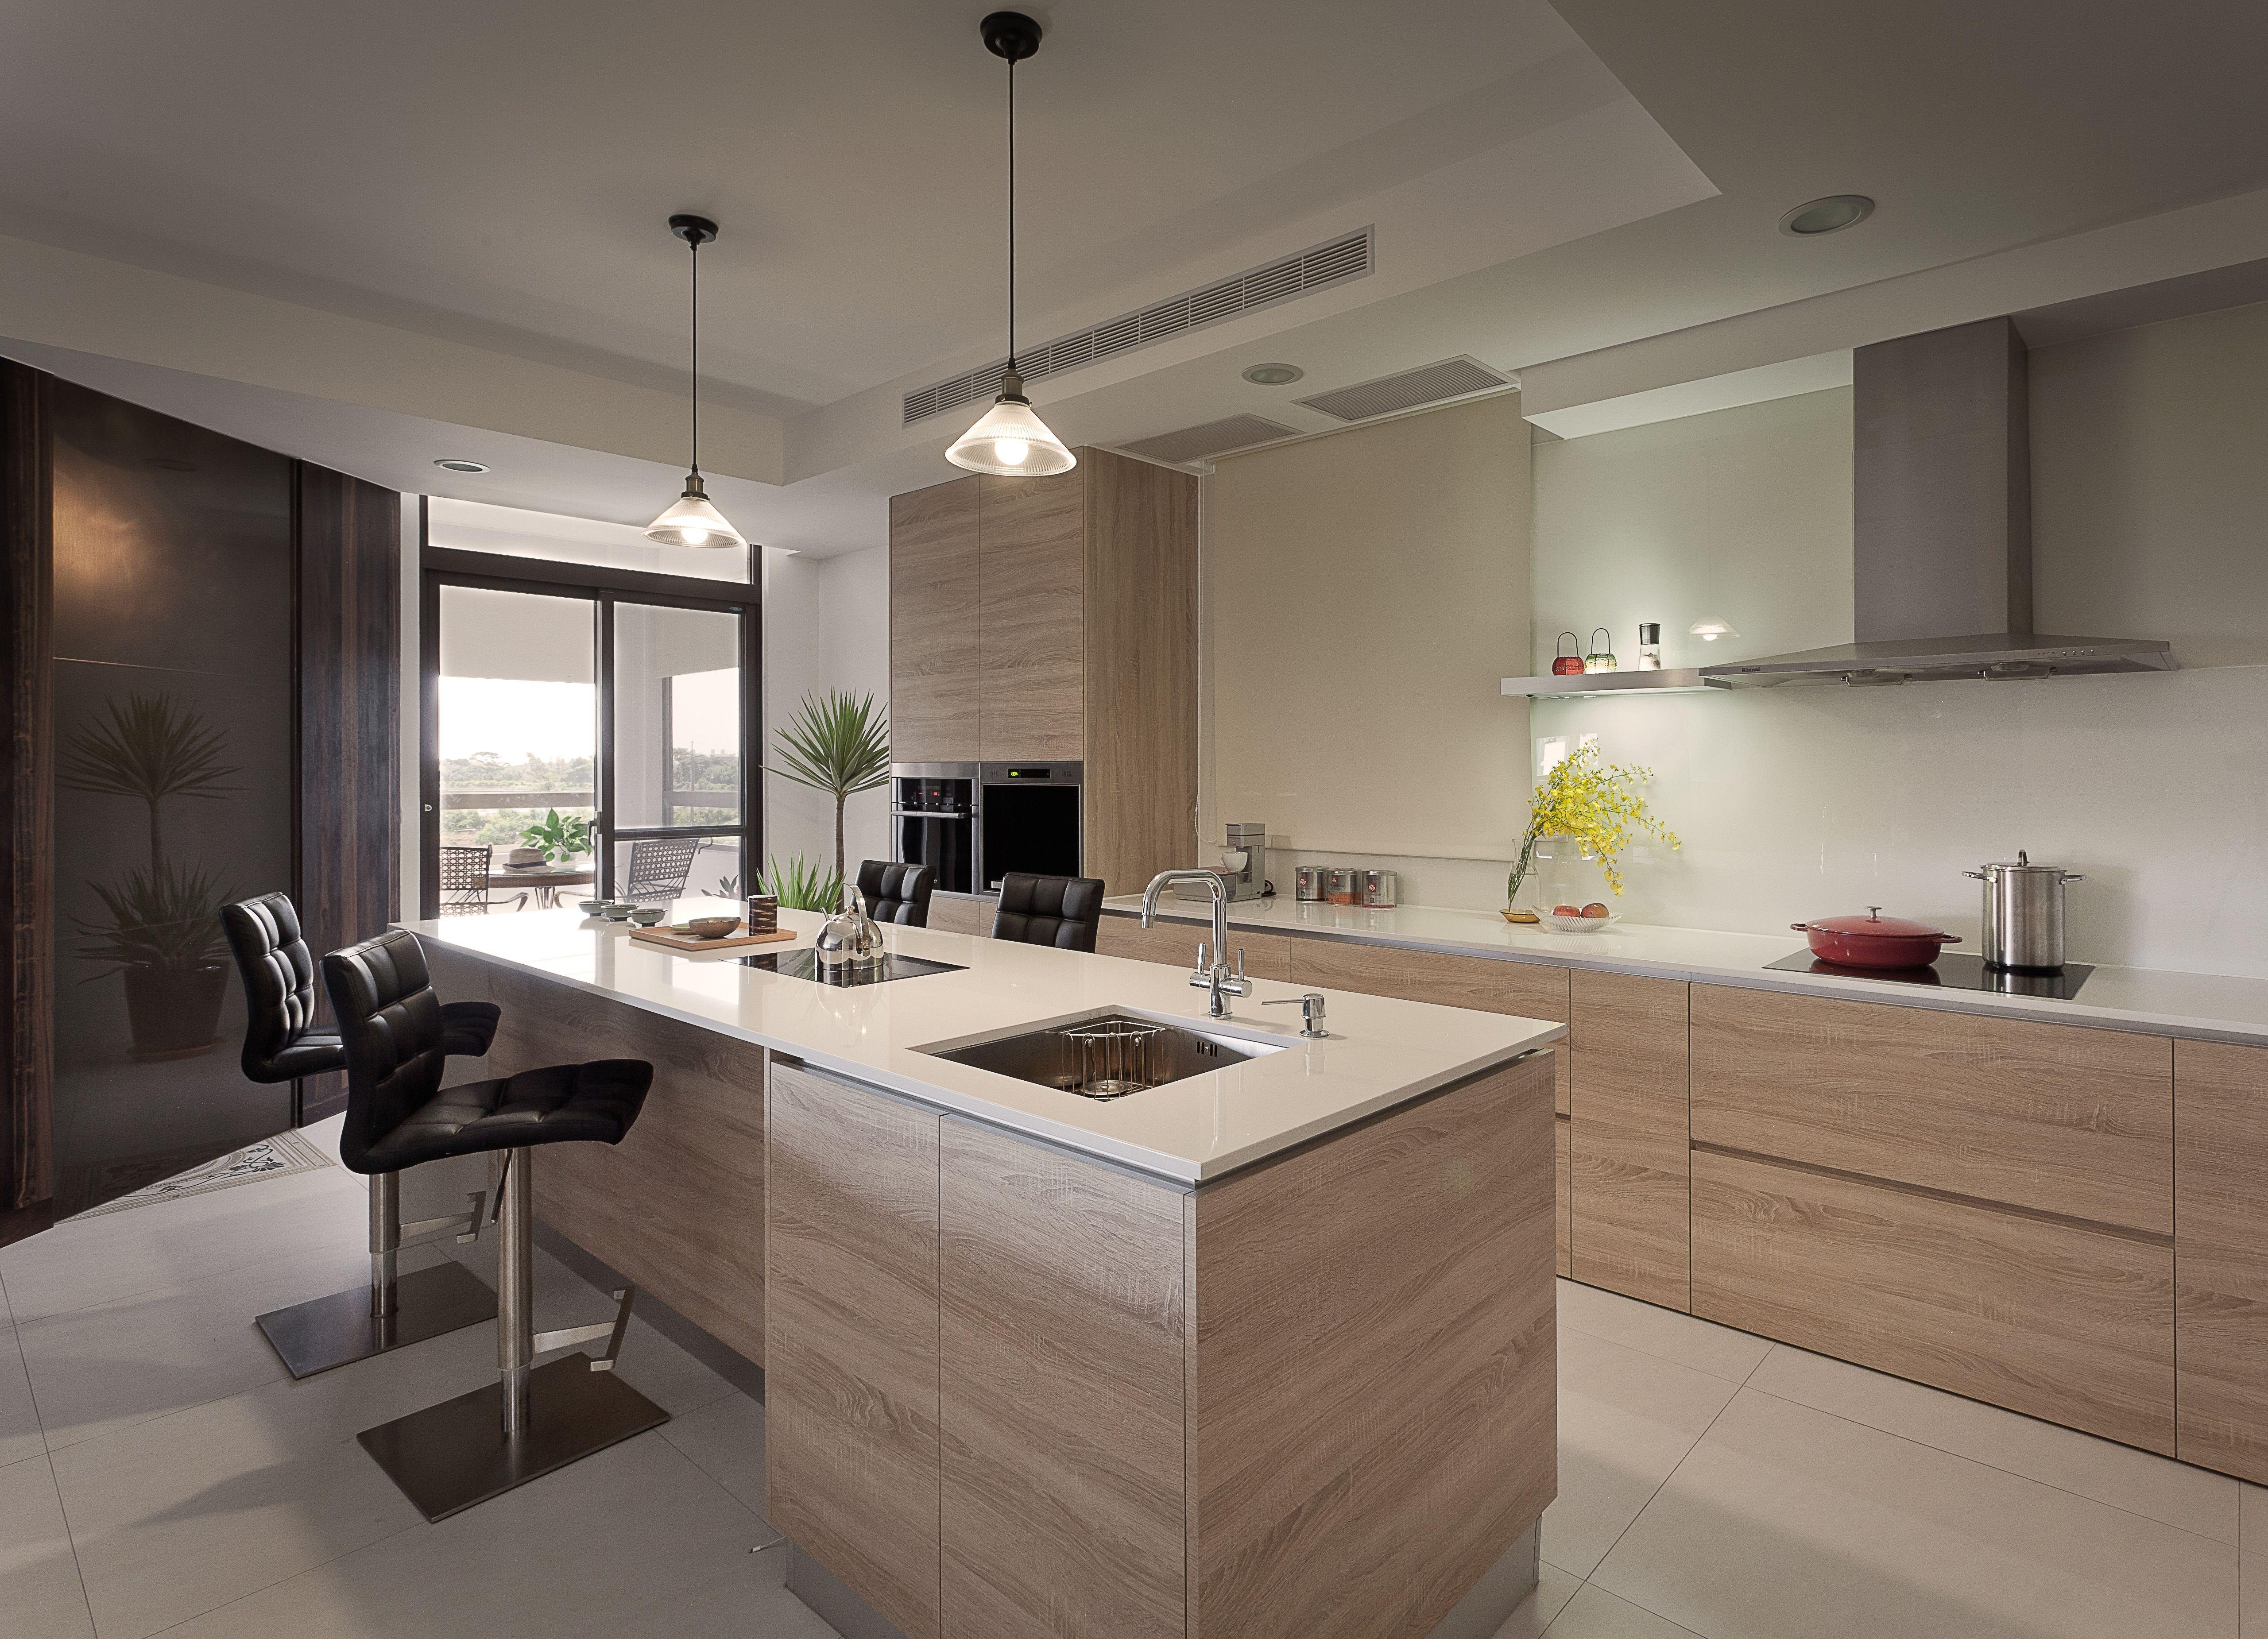 modern kitchen interior by wei che lee cucina moderna cucine moderne cucine on l kitchen interior modern id=59051